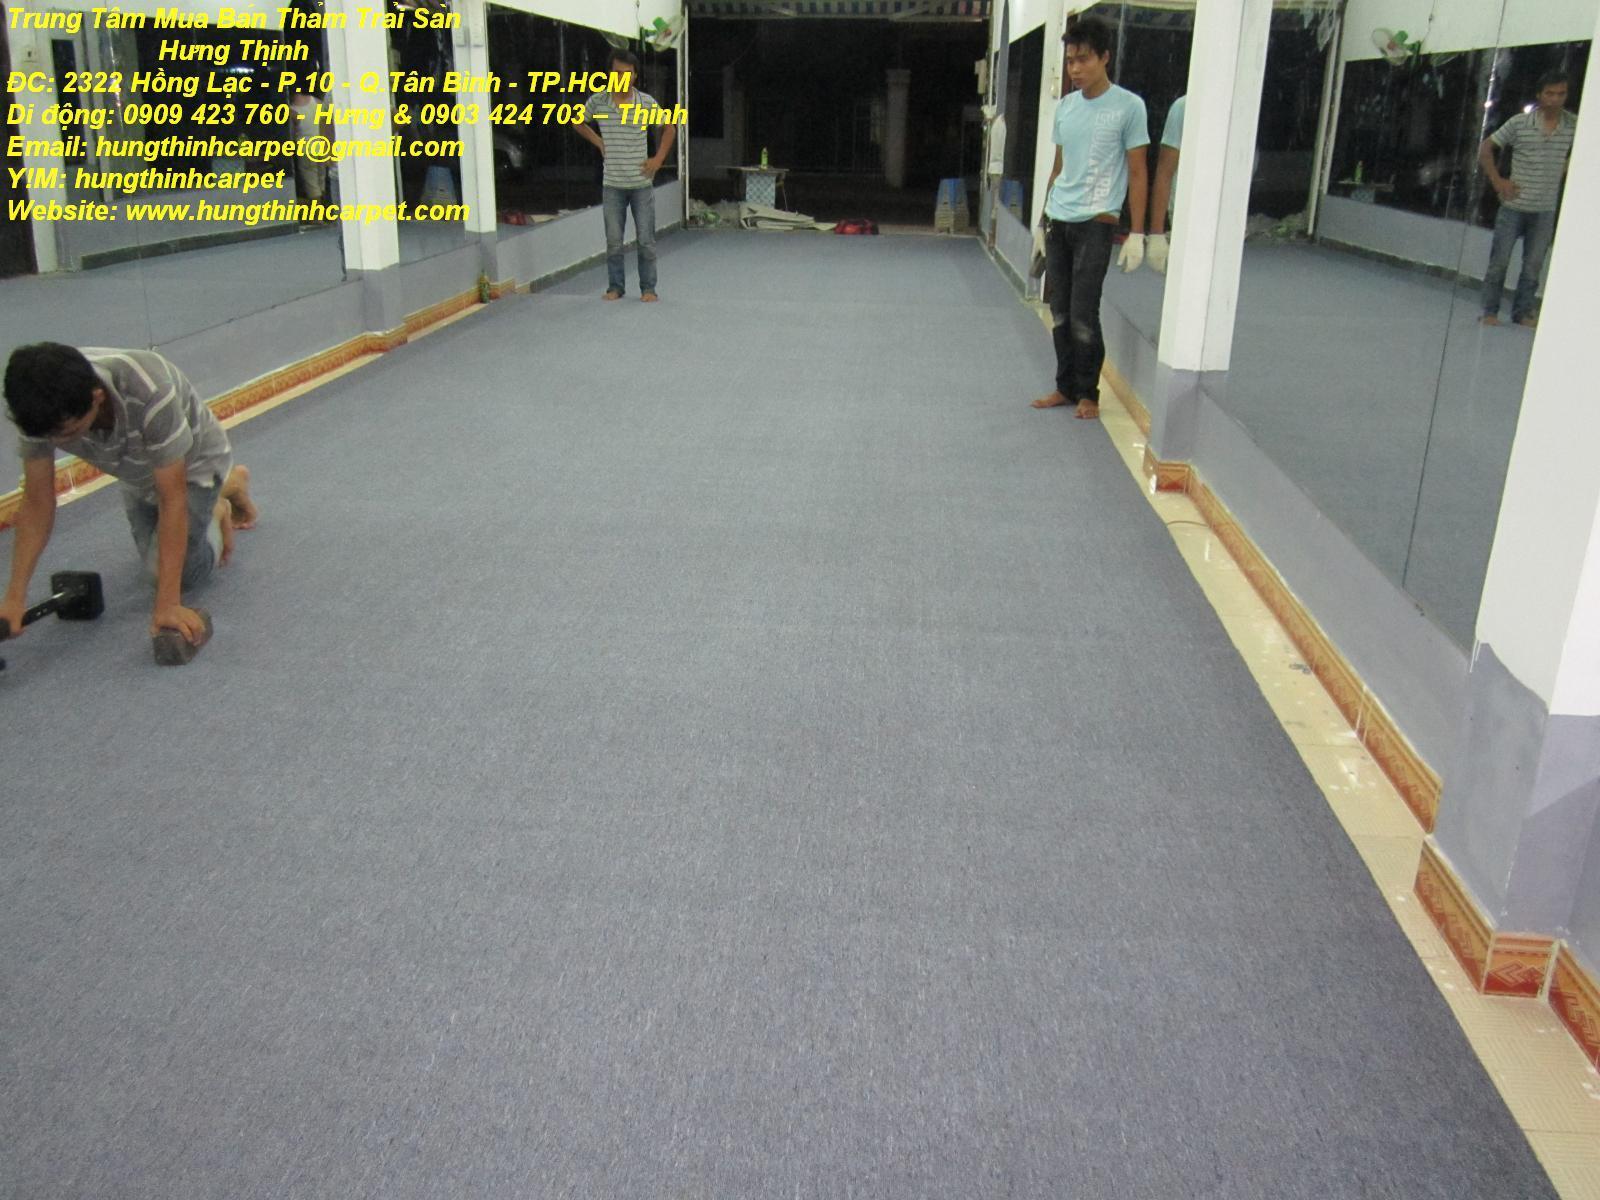 Thi công thảm trải sàn cho CLB thể hình, tập tạ Nam tại Q.9 tp.HCM